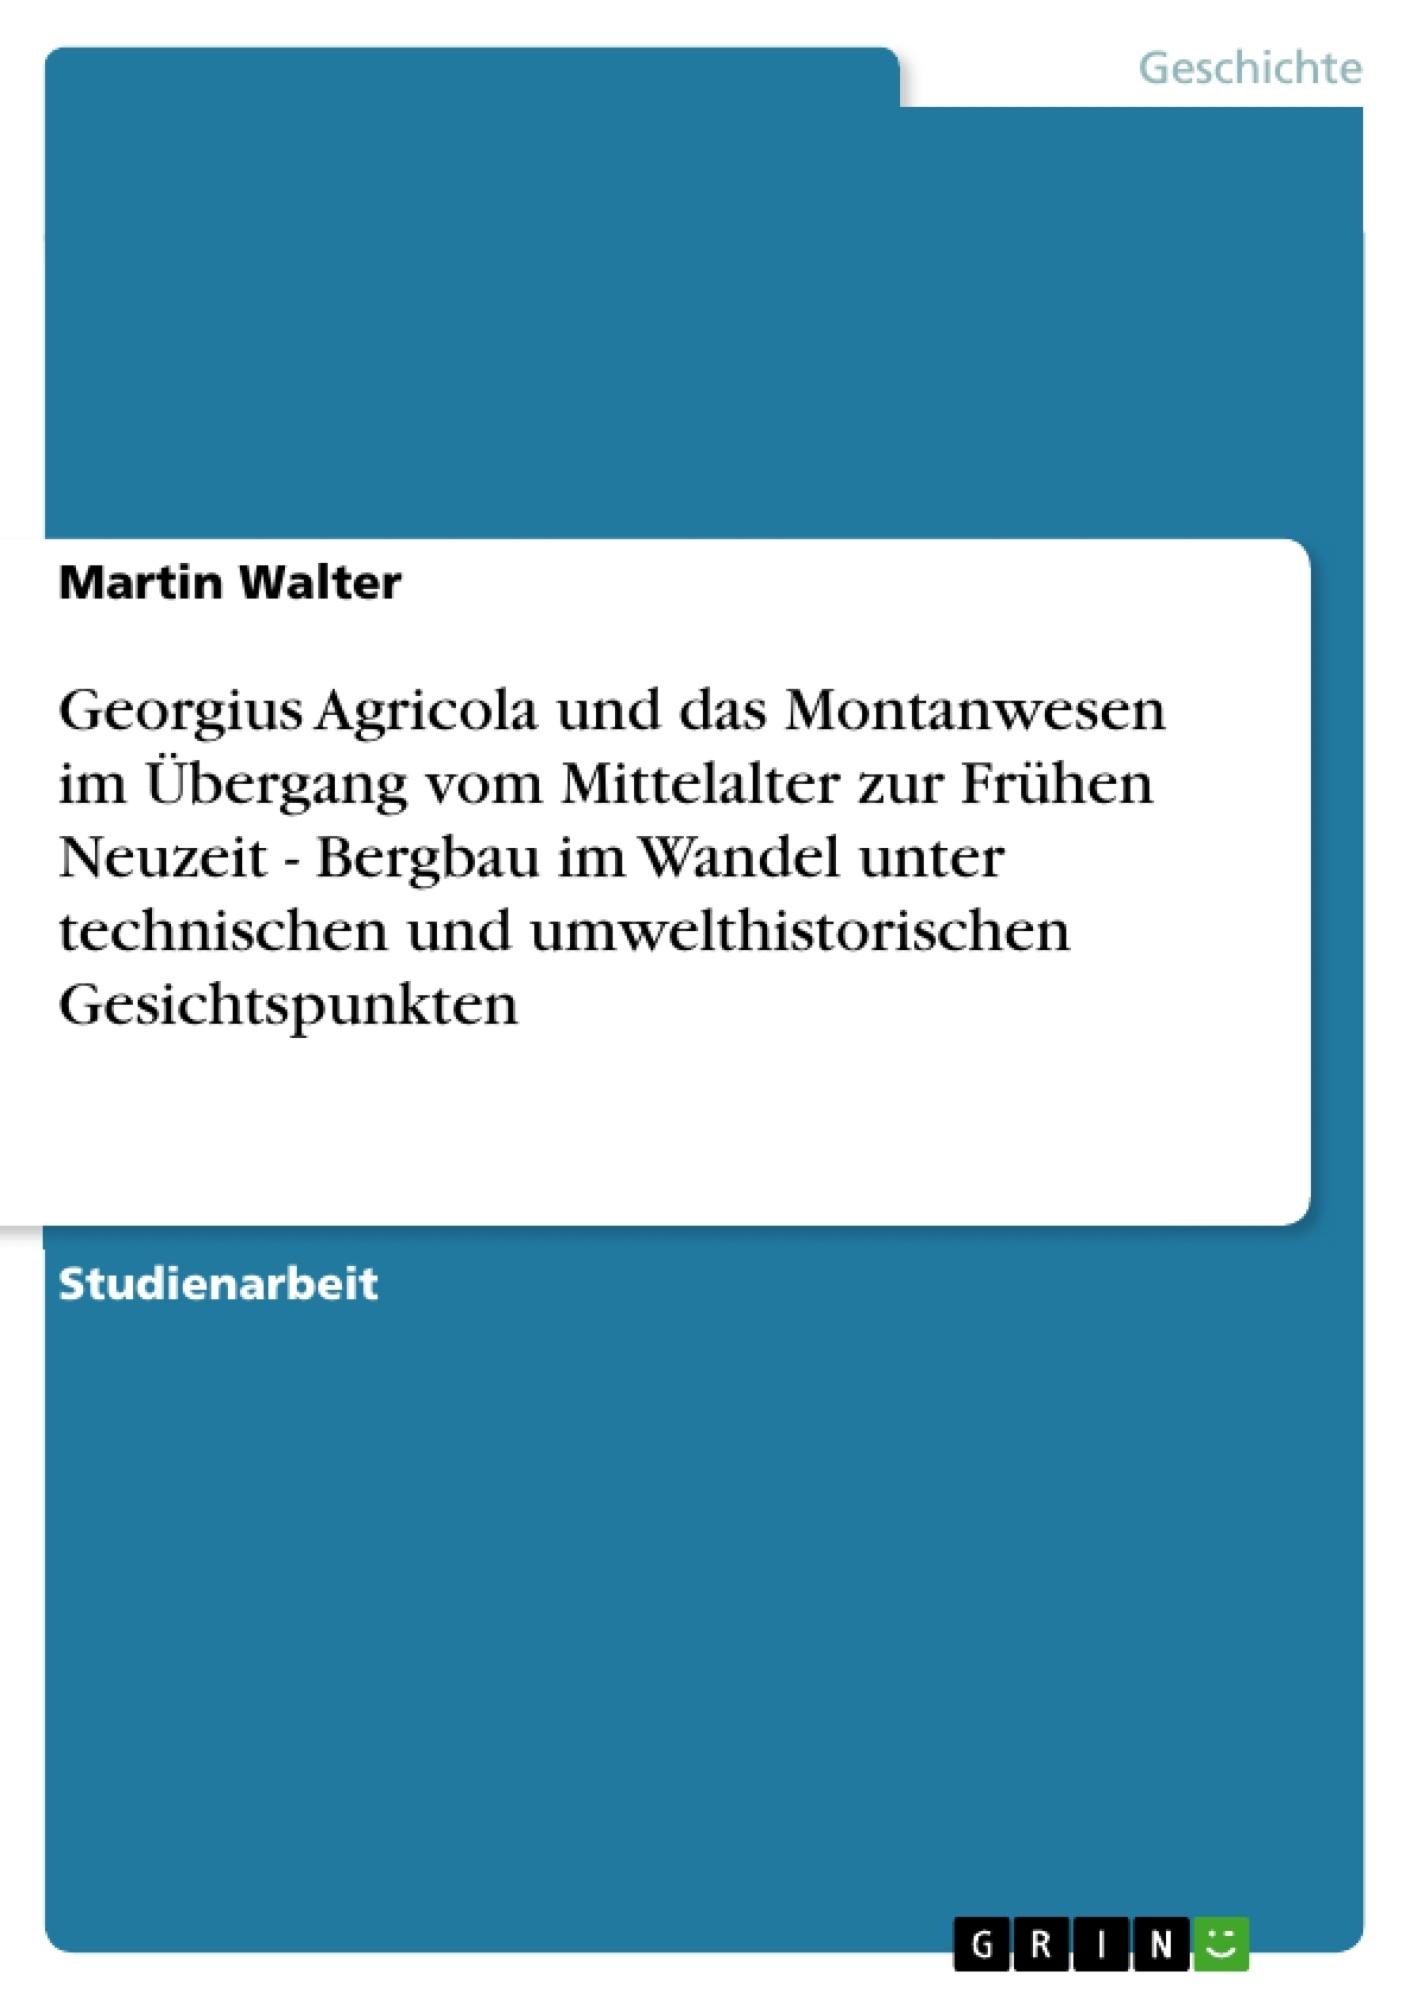 Titel: Georgius Agricola und das Montanwesen im Übergang vom Mittelalter zur Frühen Neuzeit - Bergbau im Wandel unter technischen und umwelthistorischen Gesichtspunkten